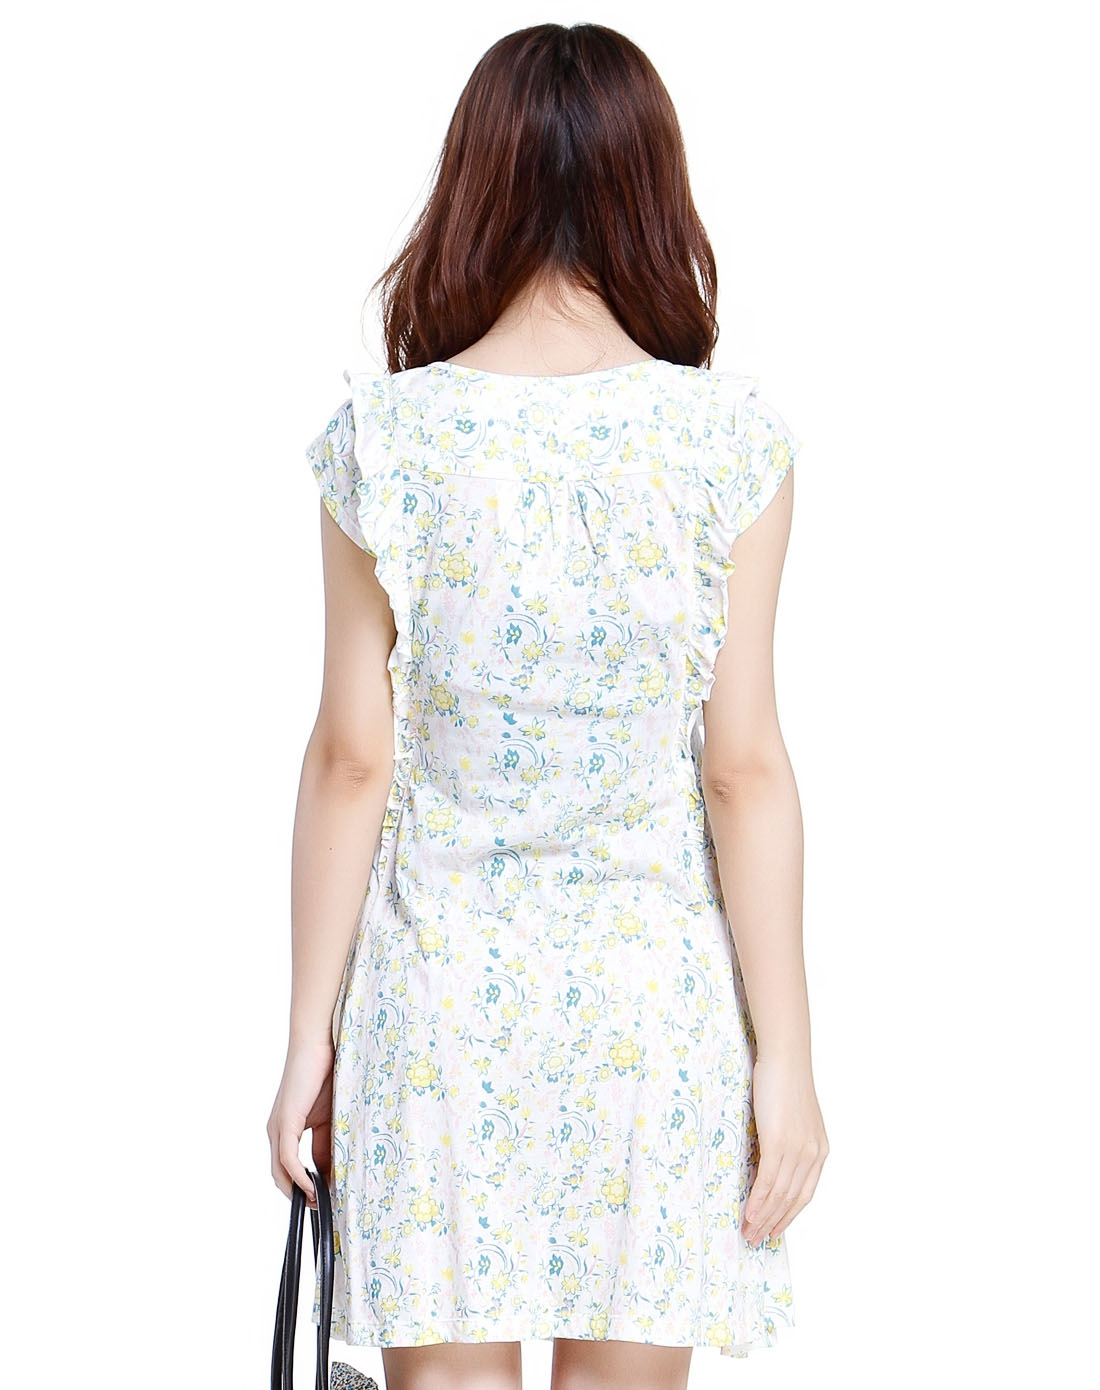 小碎花白底鹅黄色短袖针织连衣裙